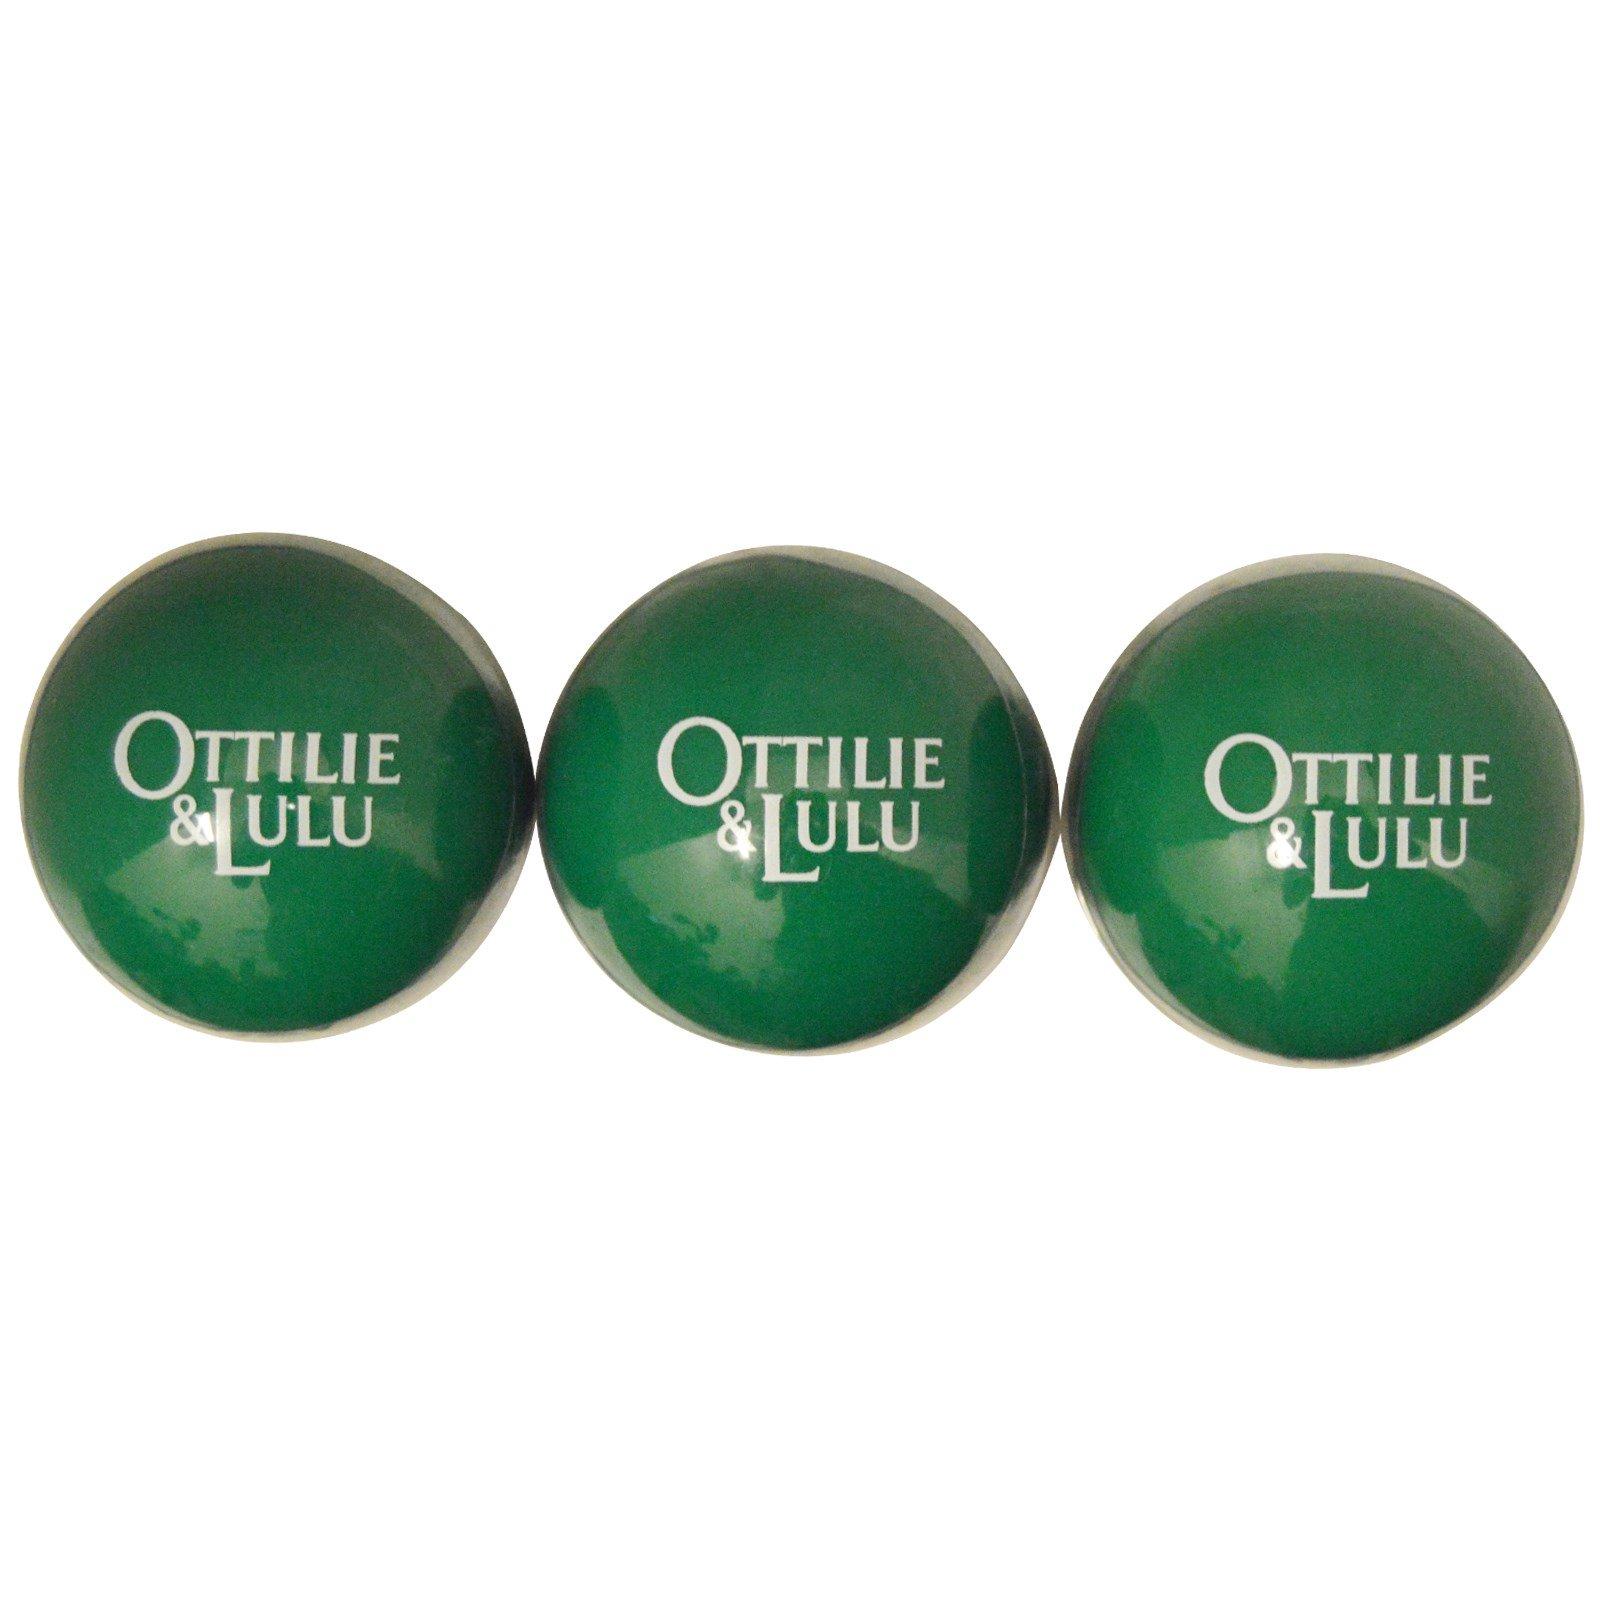 Ottilie Lulu, Бальзам для губ, тропический пунш, набор из 4 штук, 0.5 унций каждый